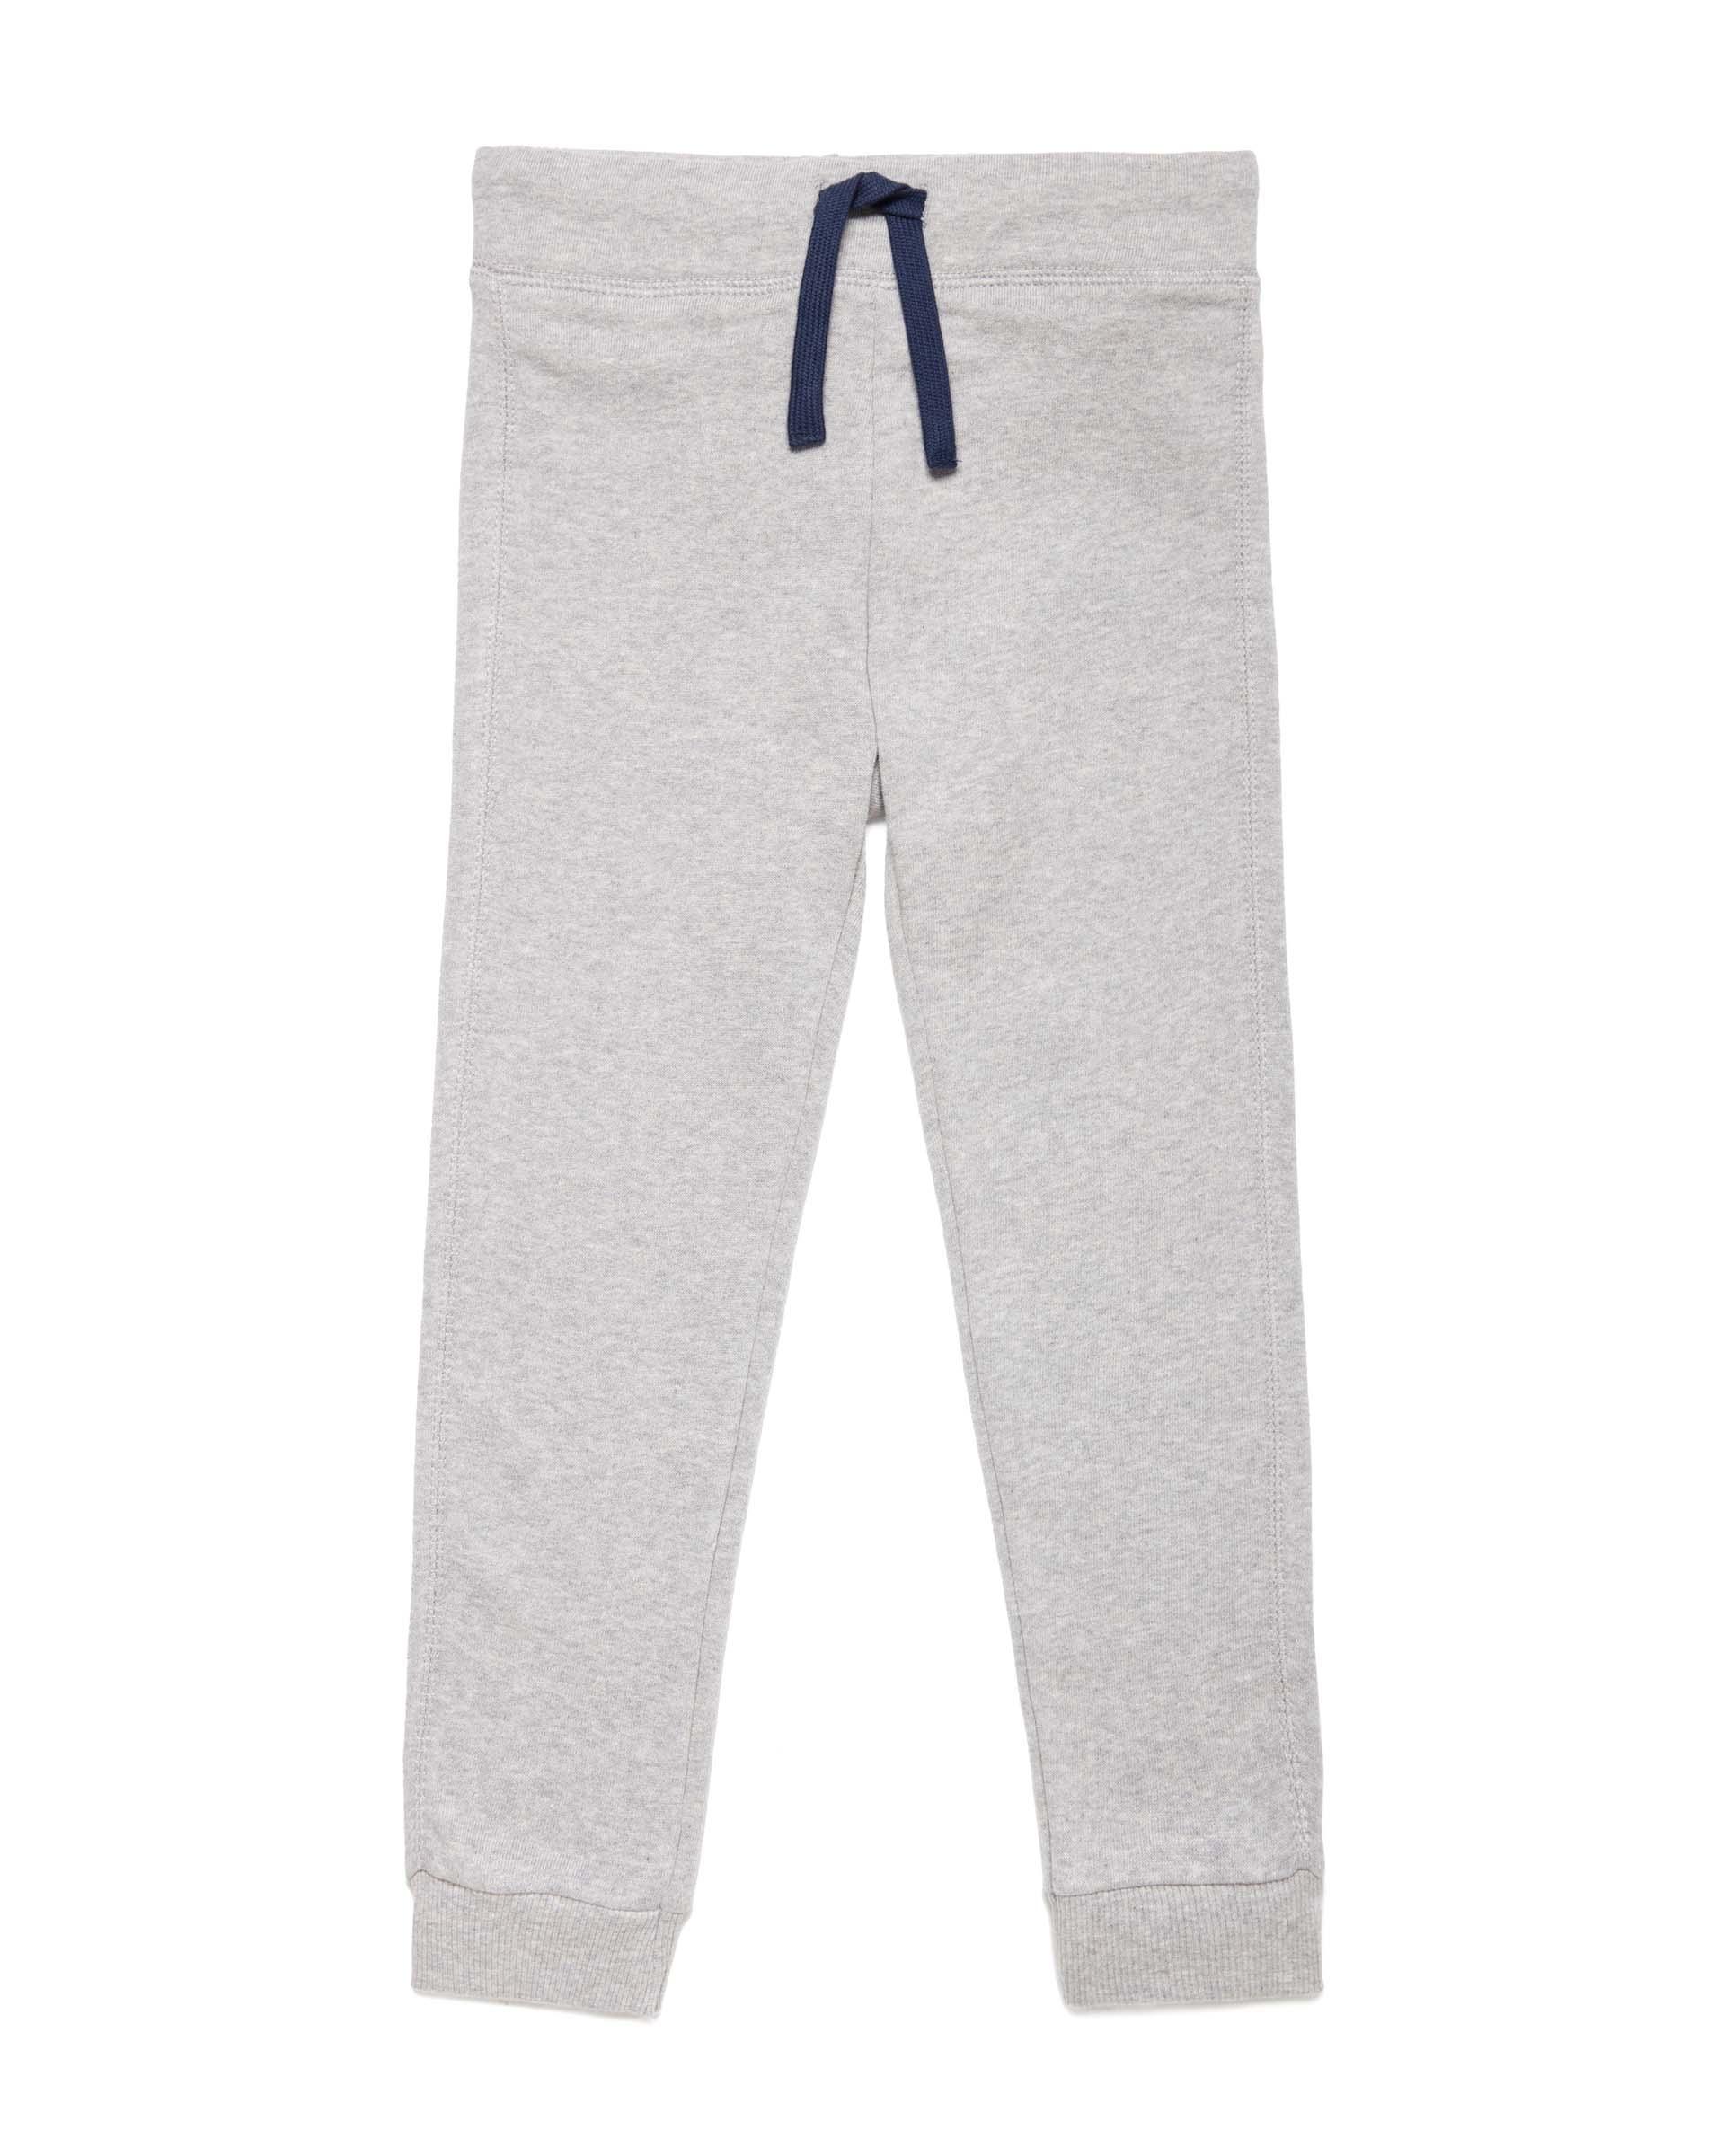 Купить CCC_3J68I0449_501, Спортивные брюки для мальчиков Benetton 3J68I0449_501 р-р 92, United Colors of Benetton, Шорты и брюки для новорожденных